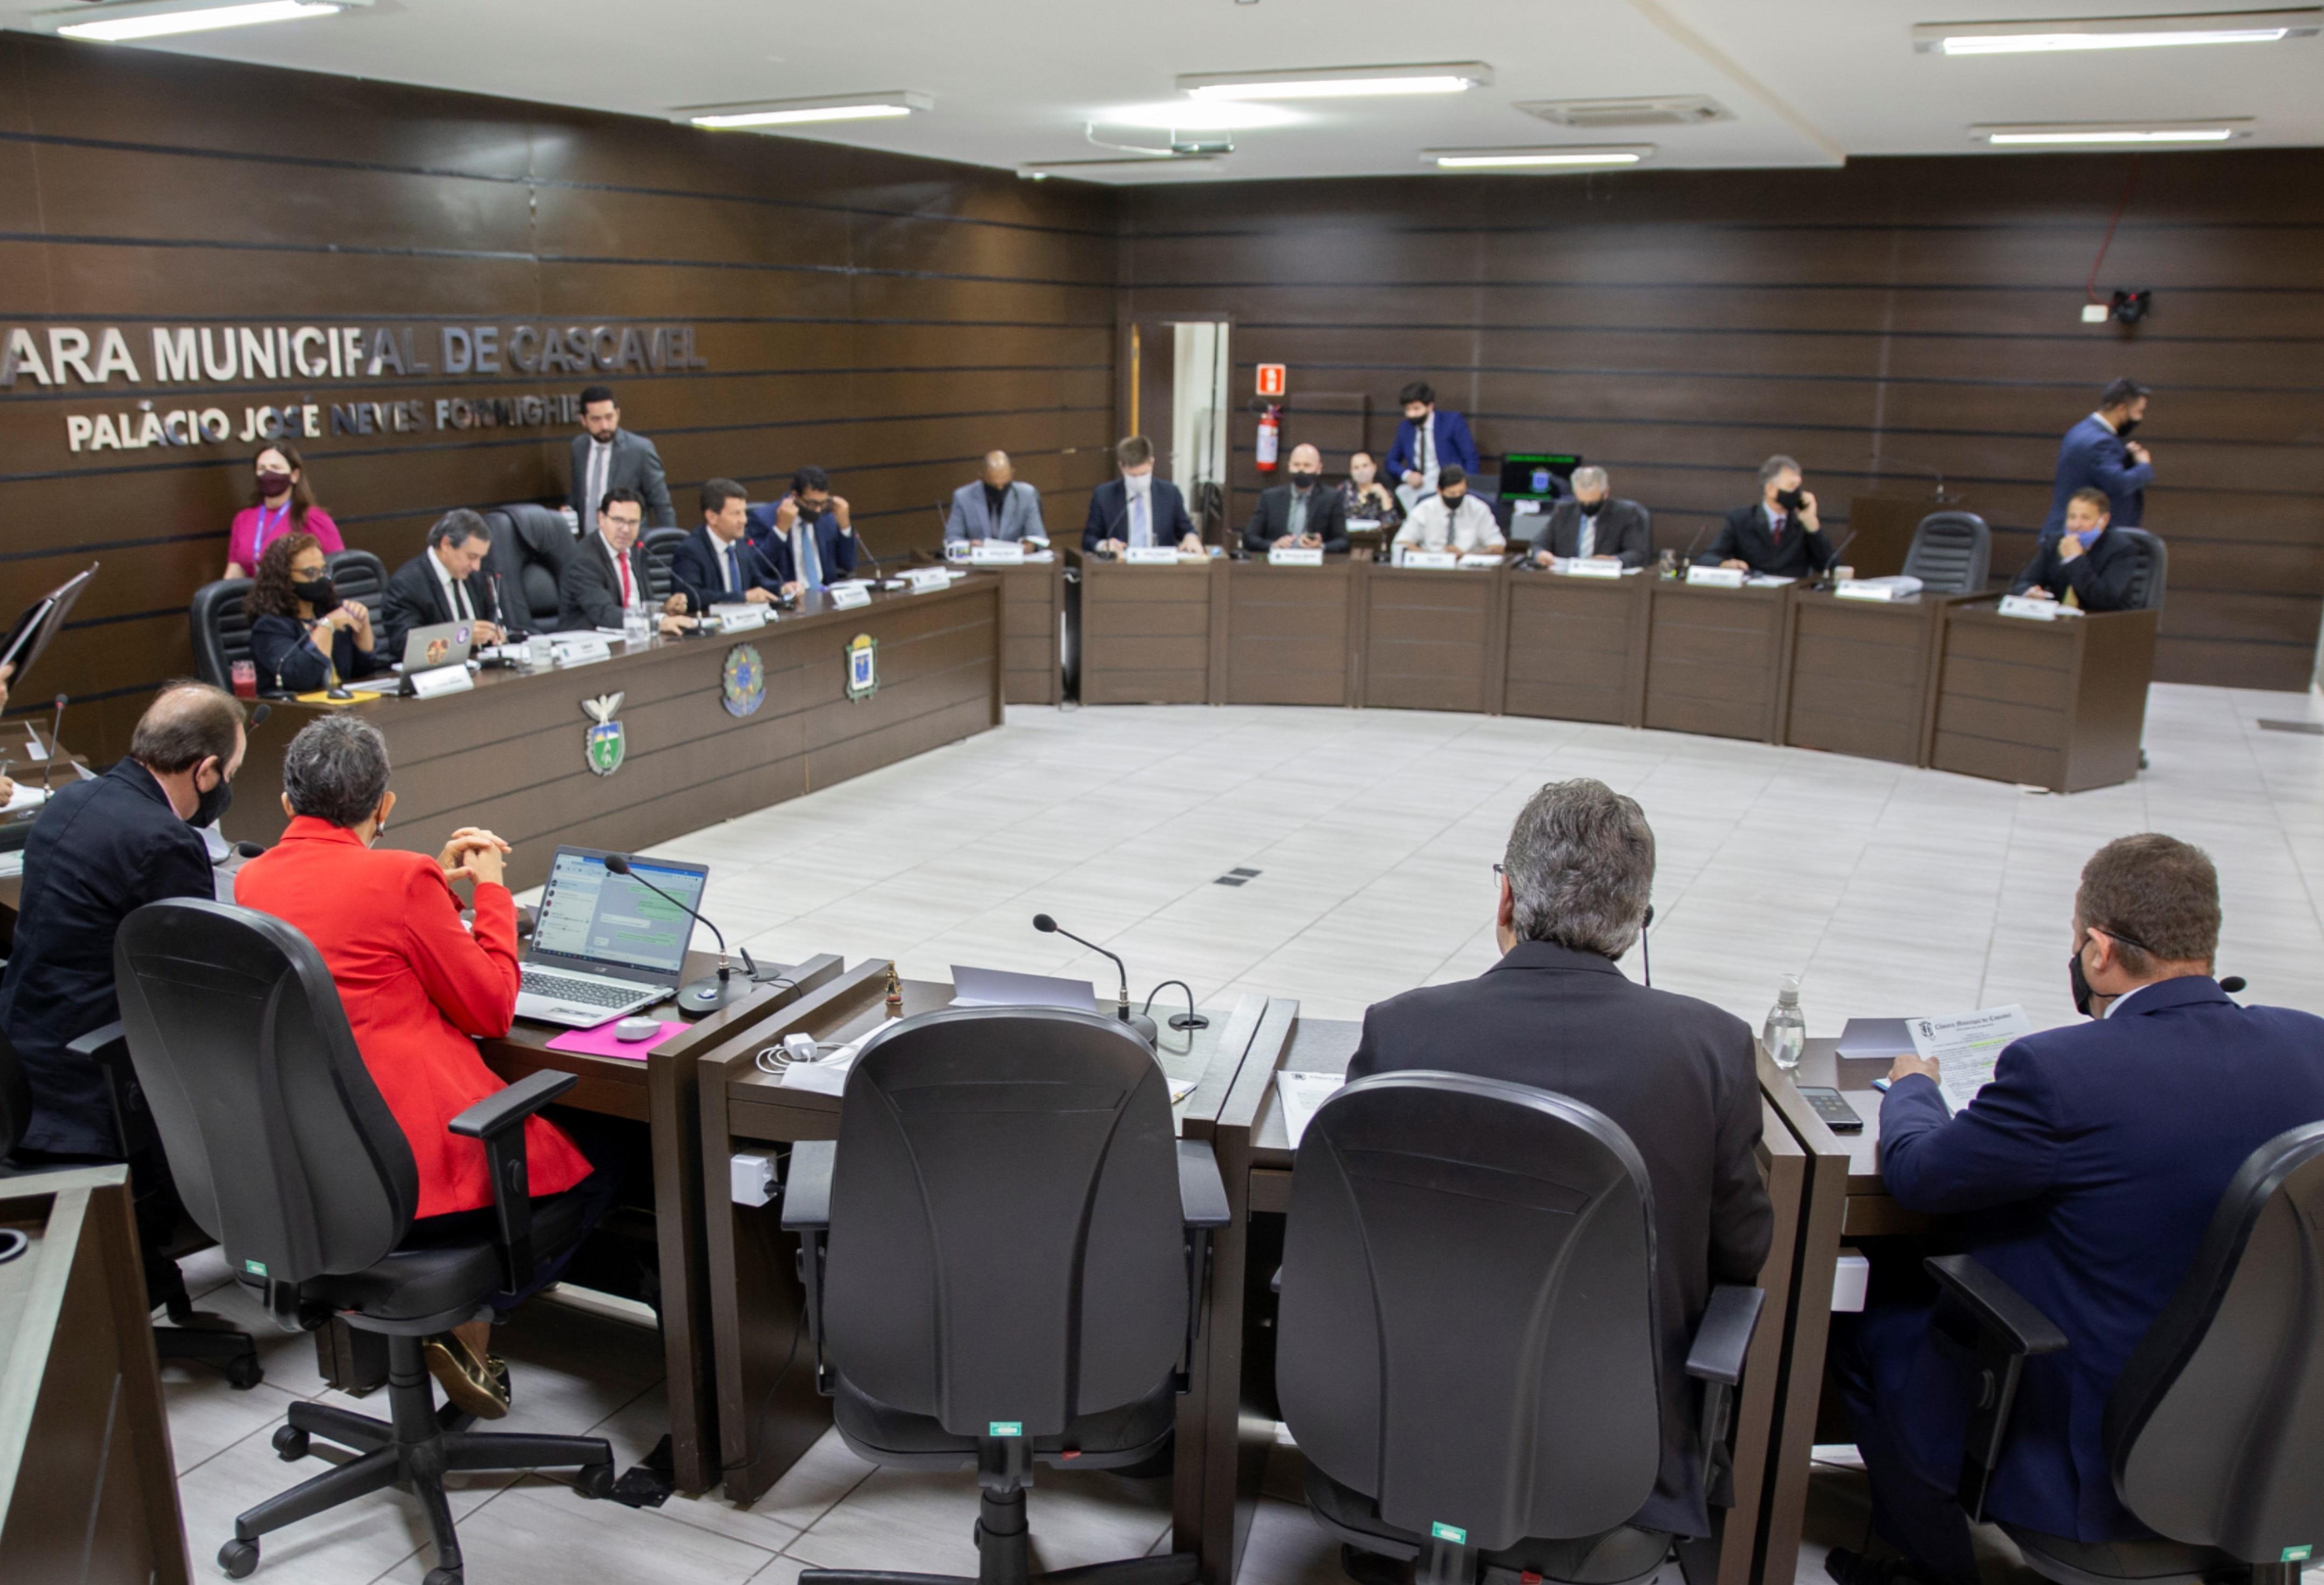 Câmara acata parecer do TCE e aprova contas do prefeito Paranhos